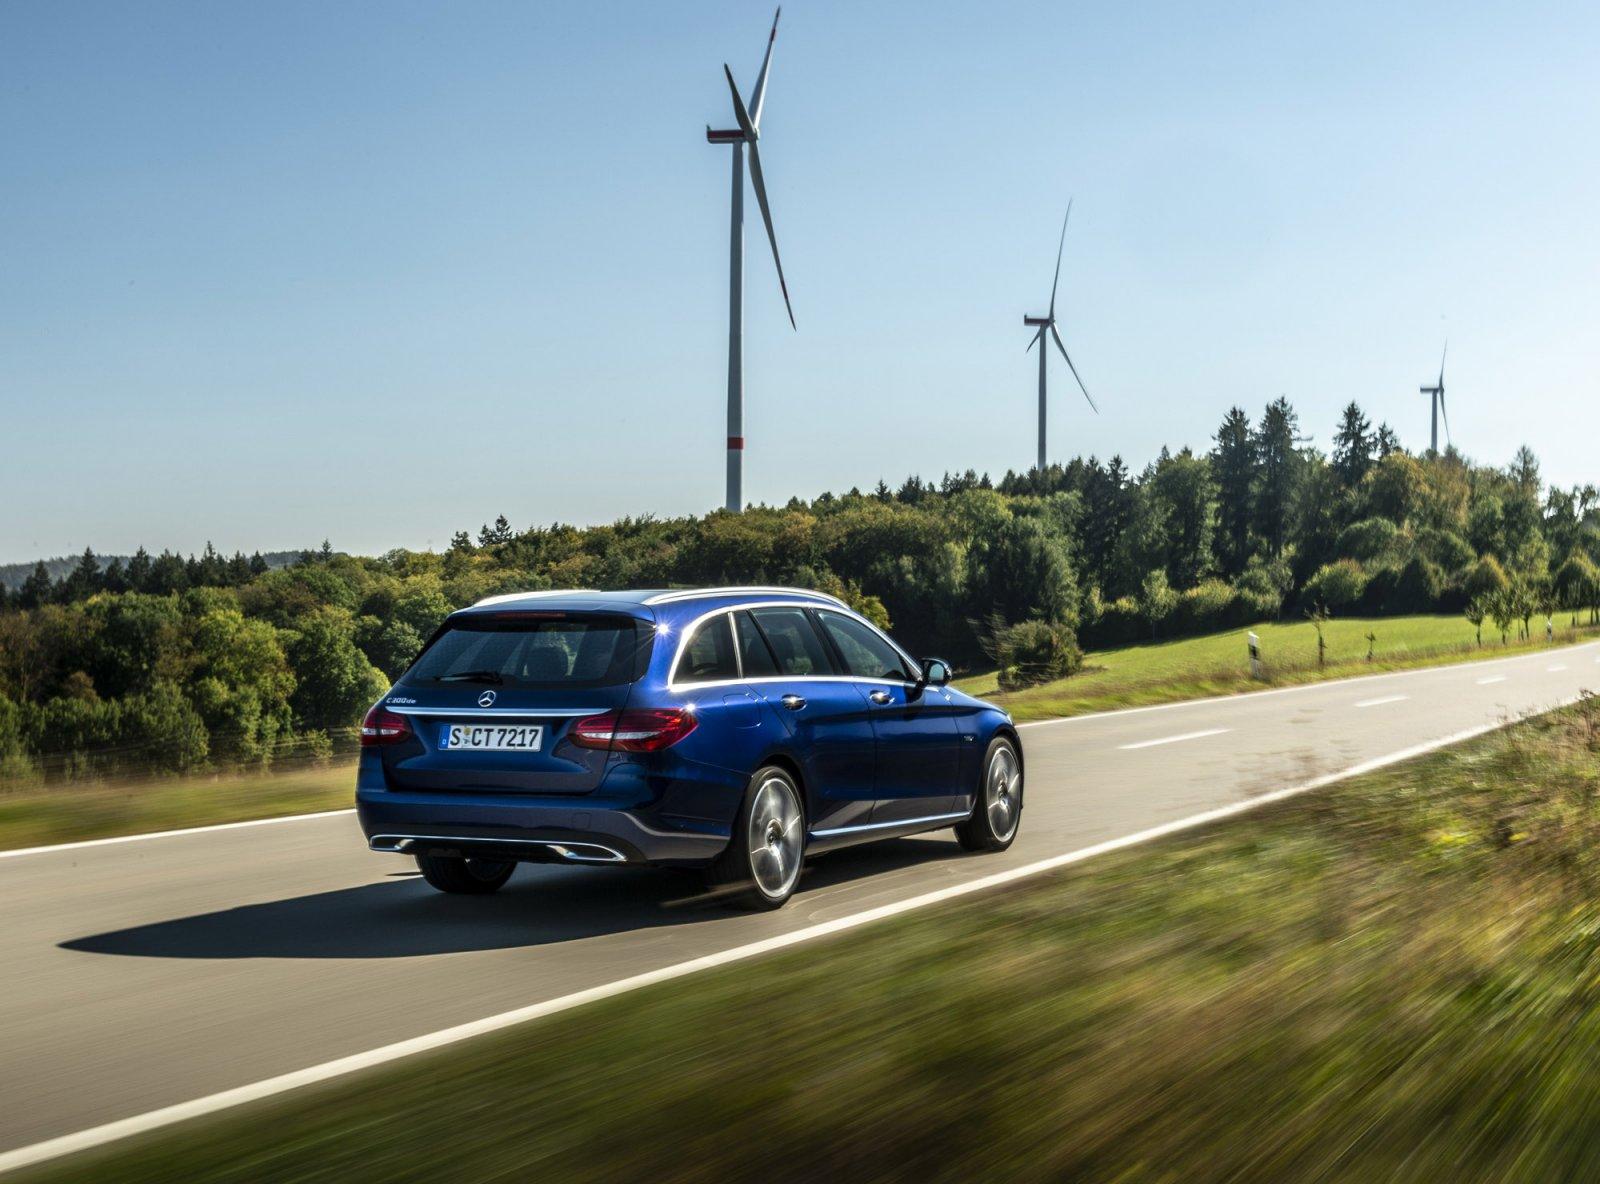 Mängden utsläpp från en bil med eldrift påverkas både av hur produktionen går till och vilken typ av energi den laddas med.